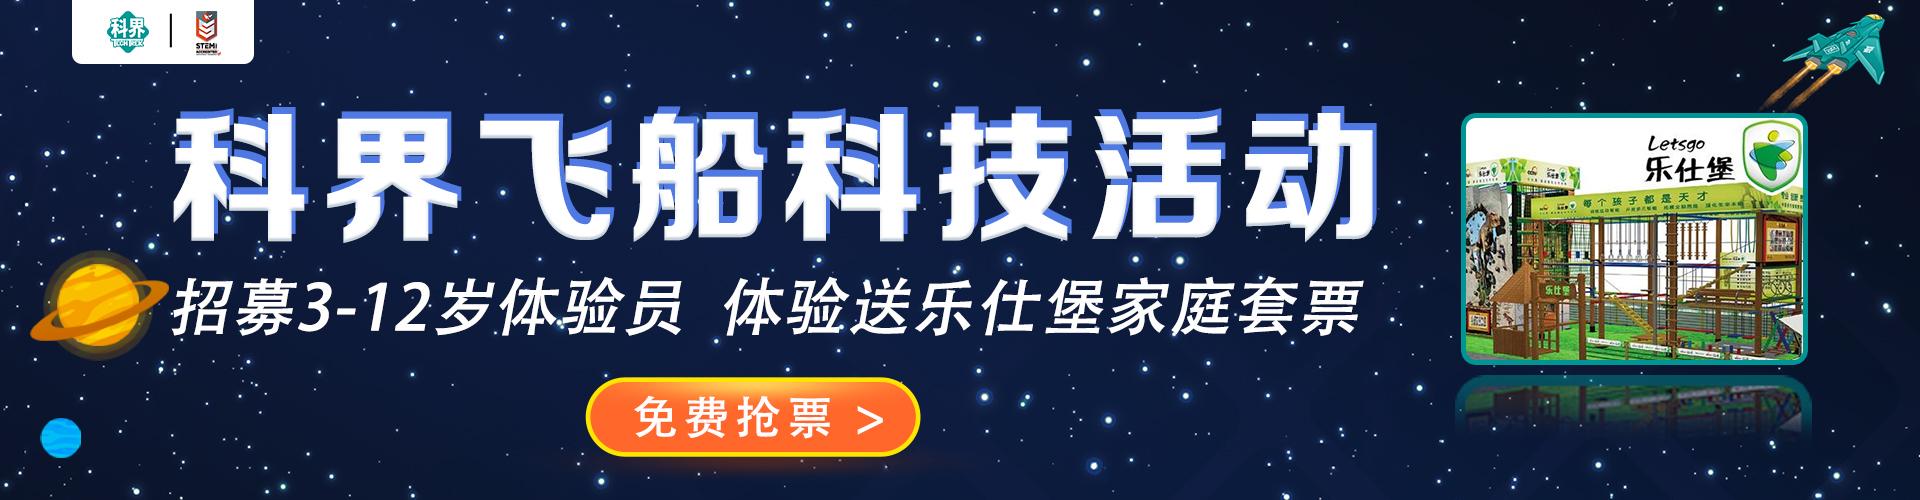 【体验送乐仕堡家庭套票】科界太空飞船体验馆三大科技活动 招募3-12岁体验员